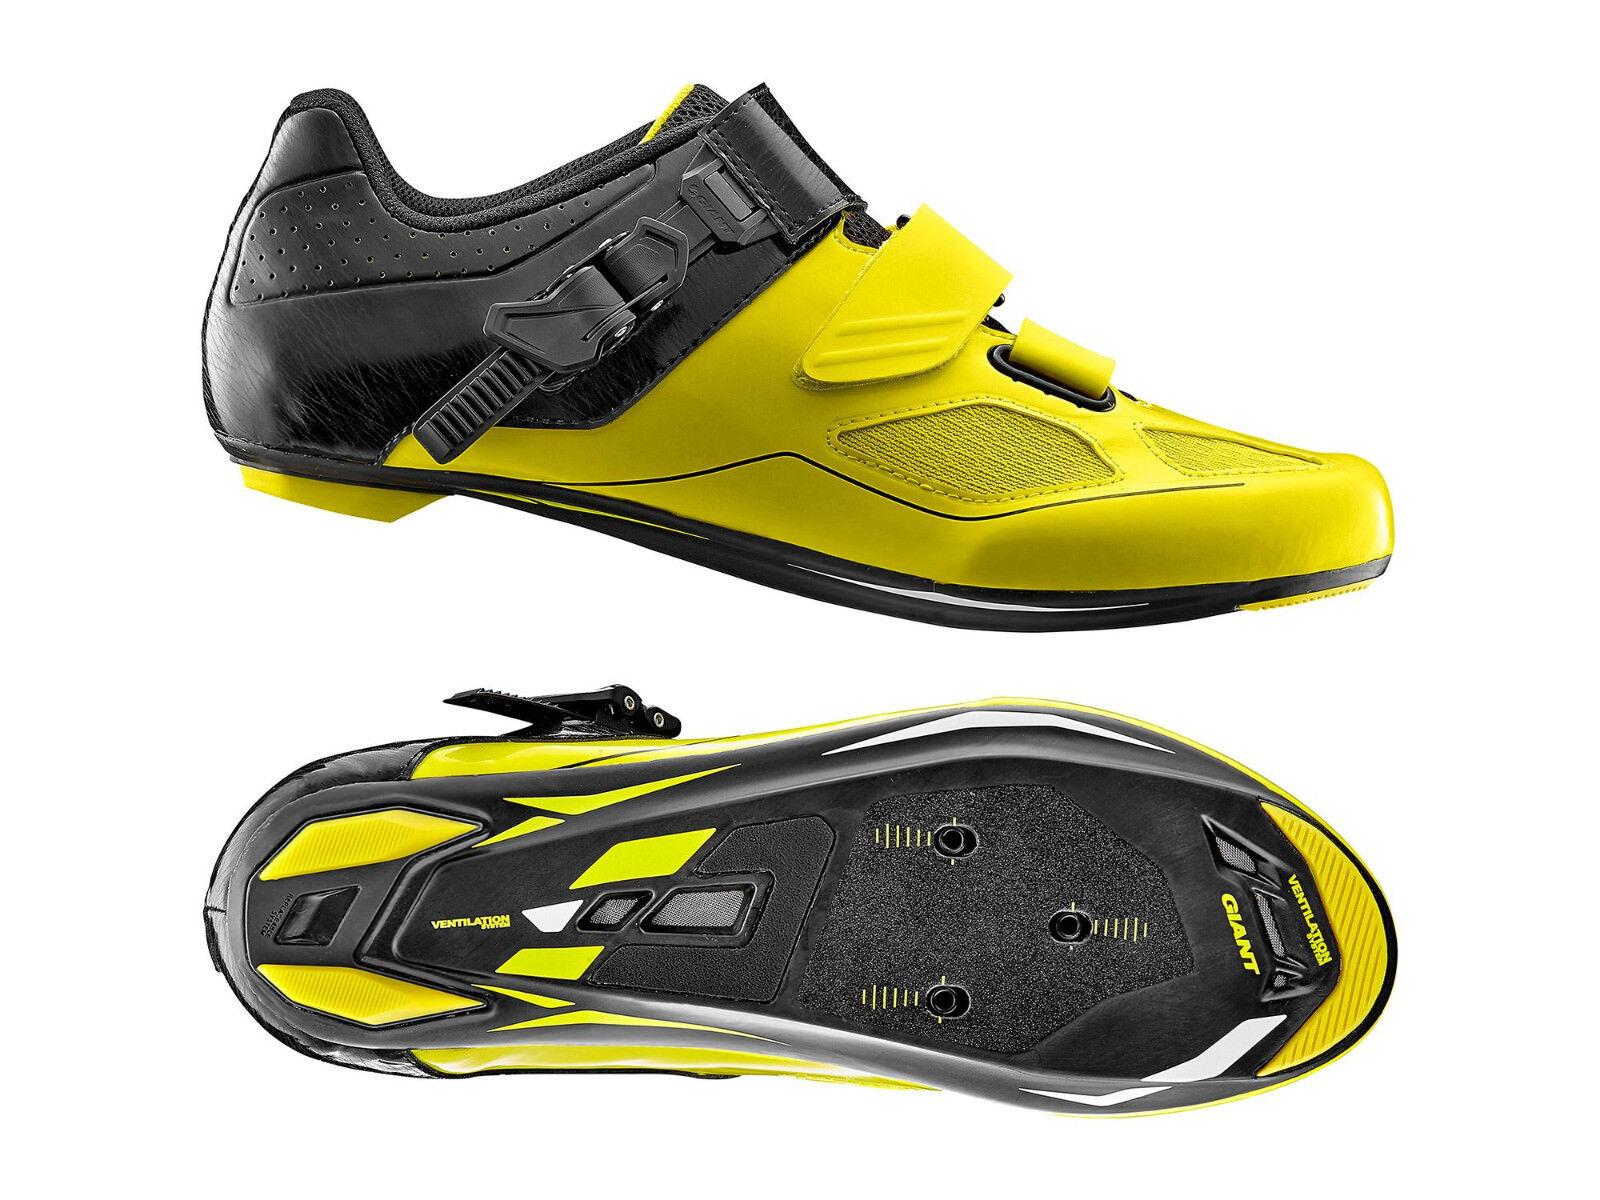 Schuhe Radsport GIANT Größe PHASE Farbe Schwarz-gelb Größe GIANT 45 18ae08